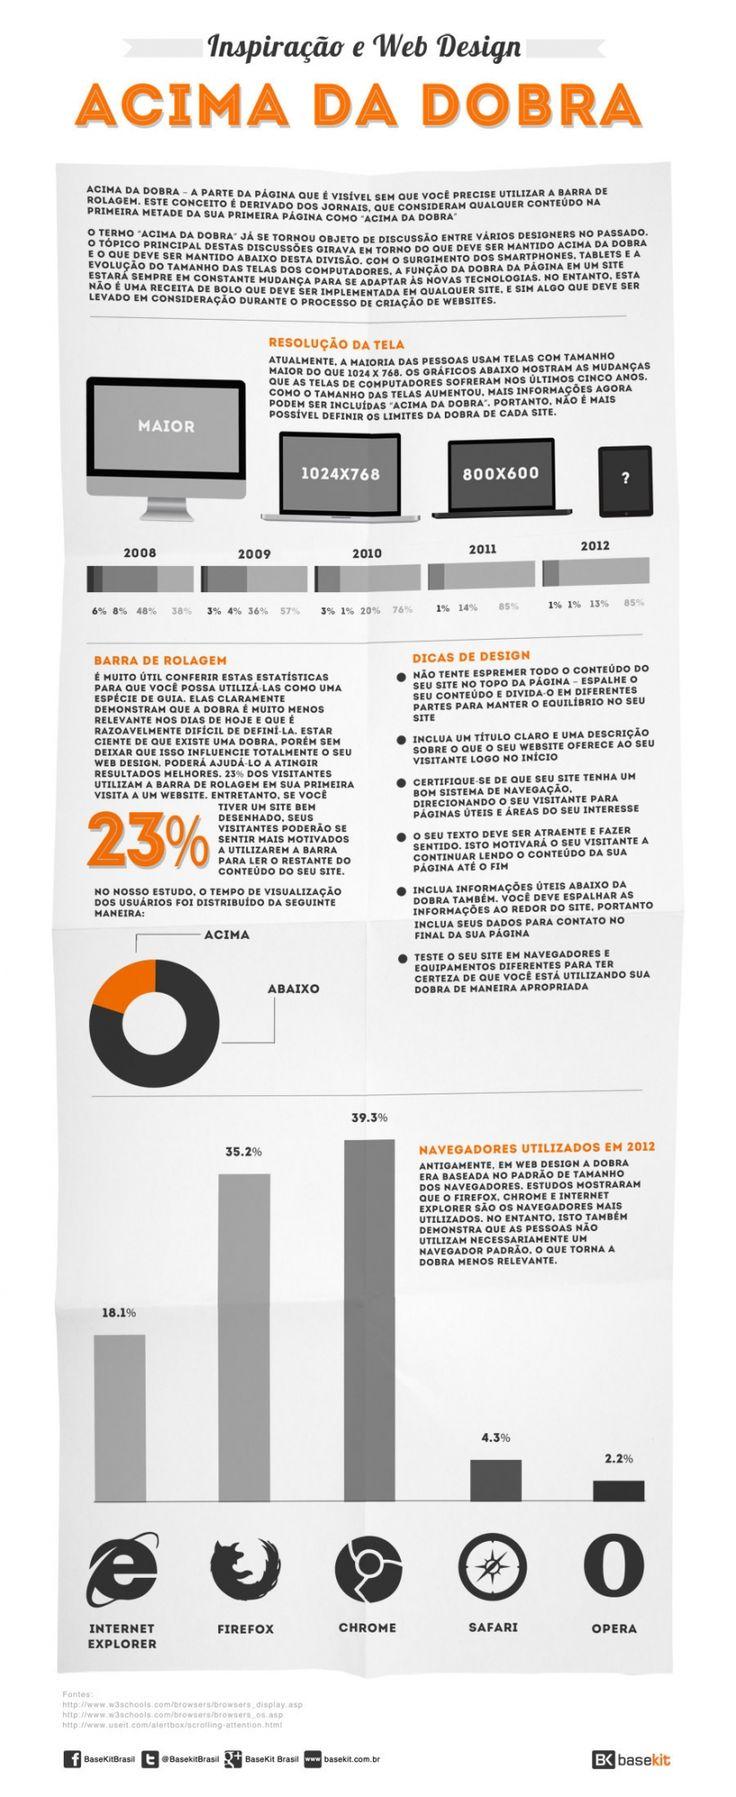 Imagem de inspiracao e web design a polemica sobre a dobra for Site web de houseoftheweek